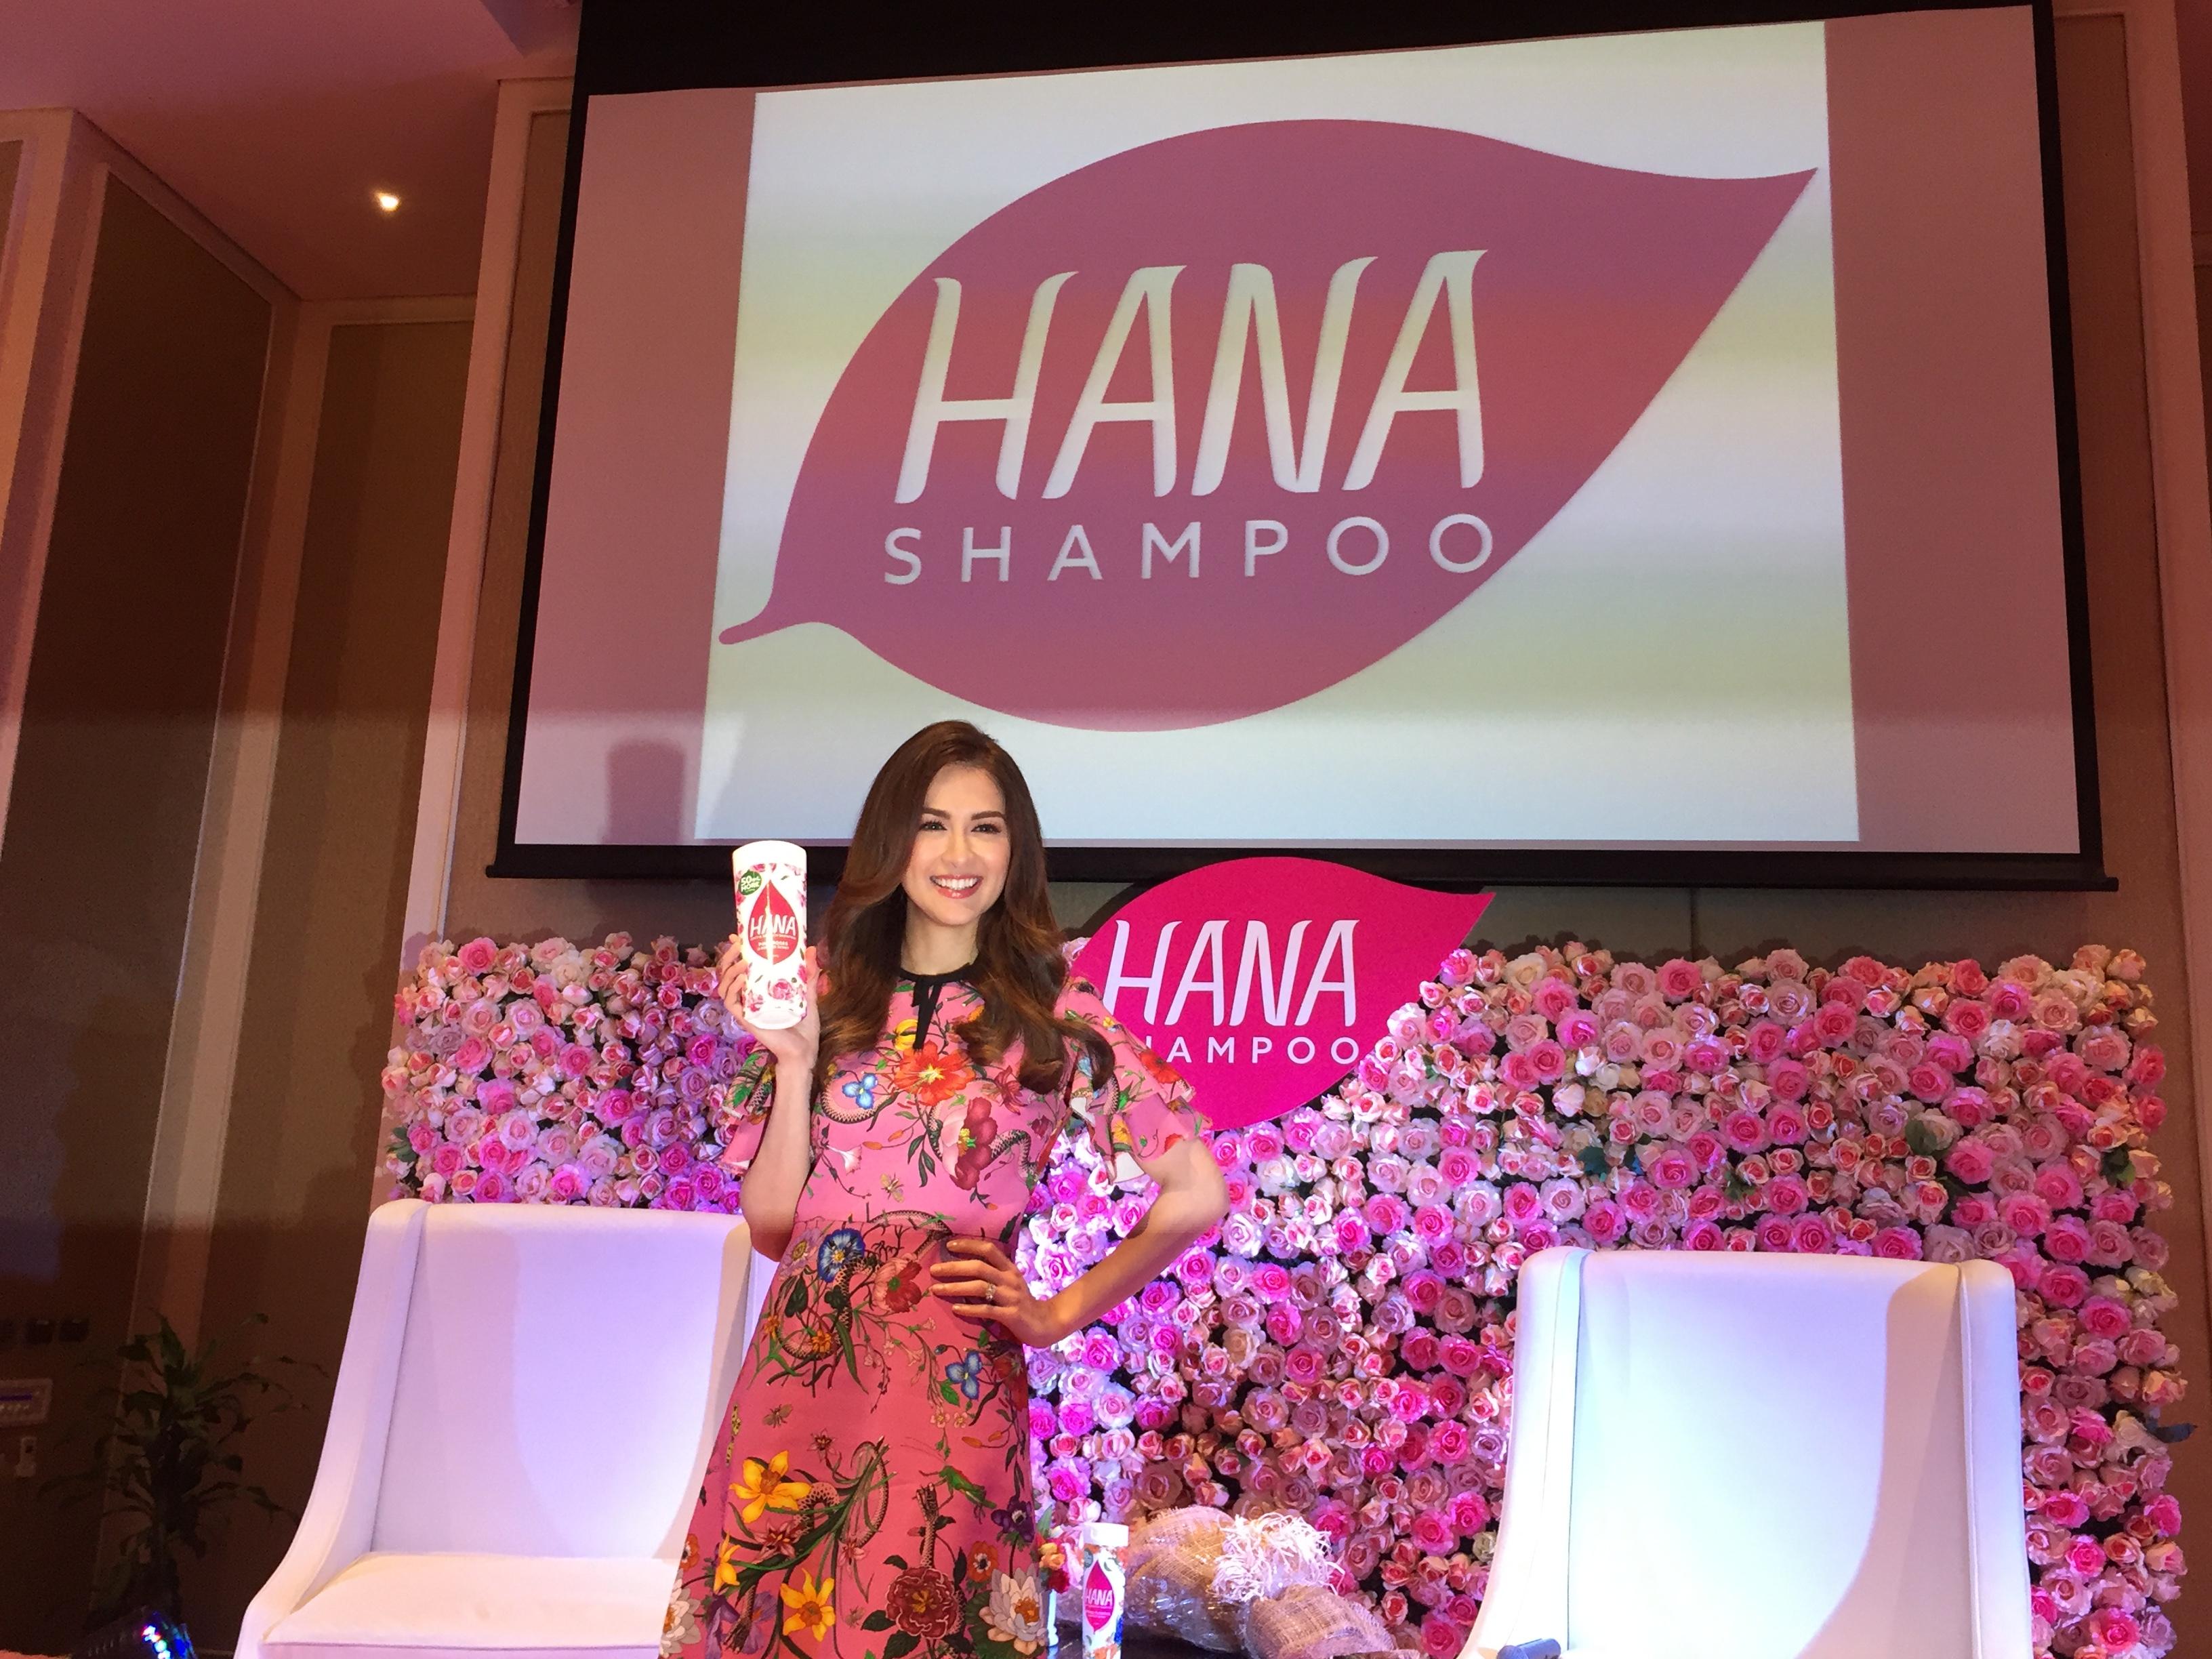 marian for hana shampoo